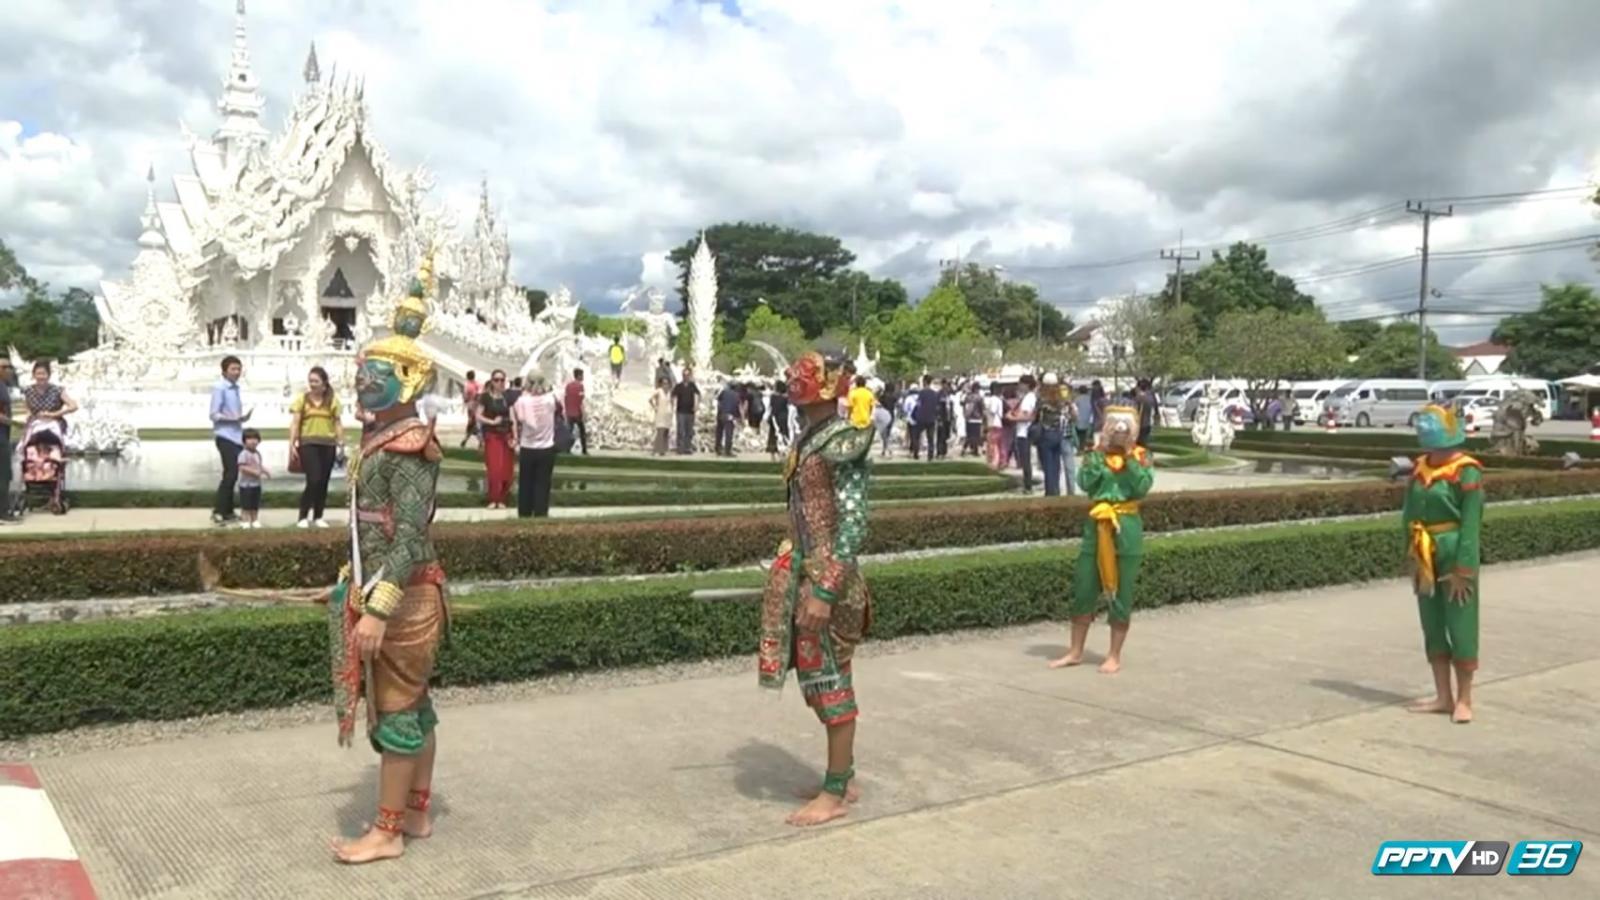 """""""อ.เฉลิมชัย"""" ชี้ เอ็มวี """"เที่ยวไทยมีเฮ"""" ไม่เลยเถิดเป็นการพัฒนางานศิลปะ"""